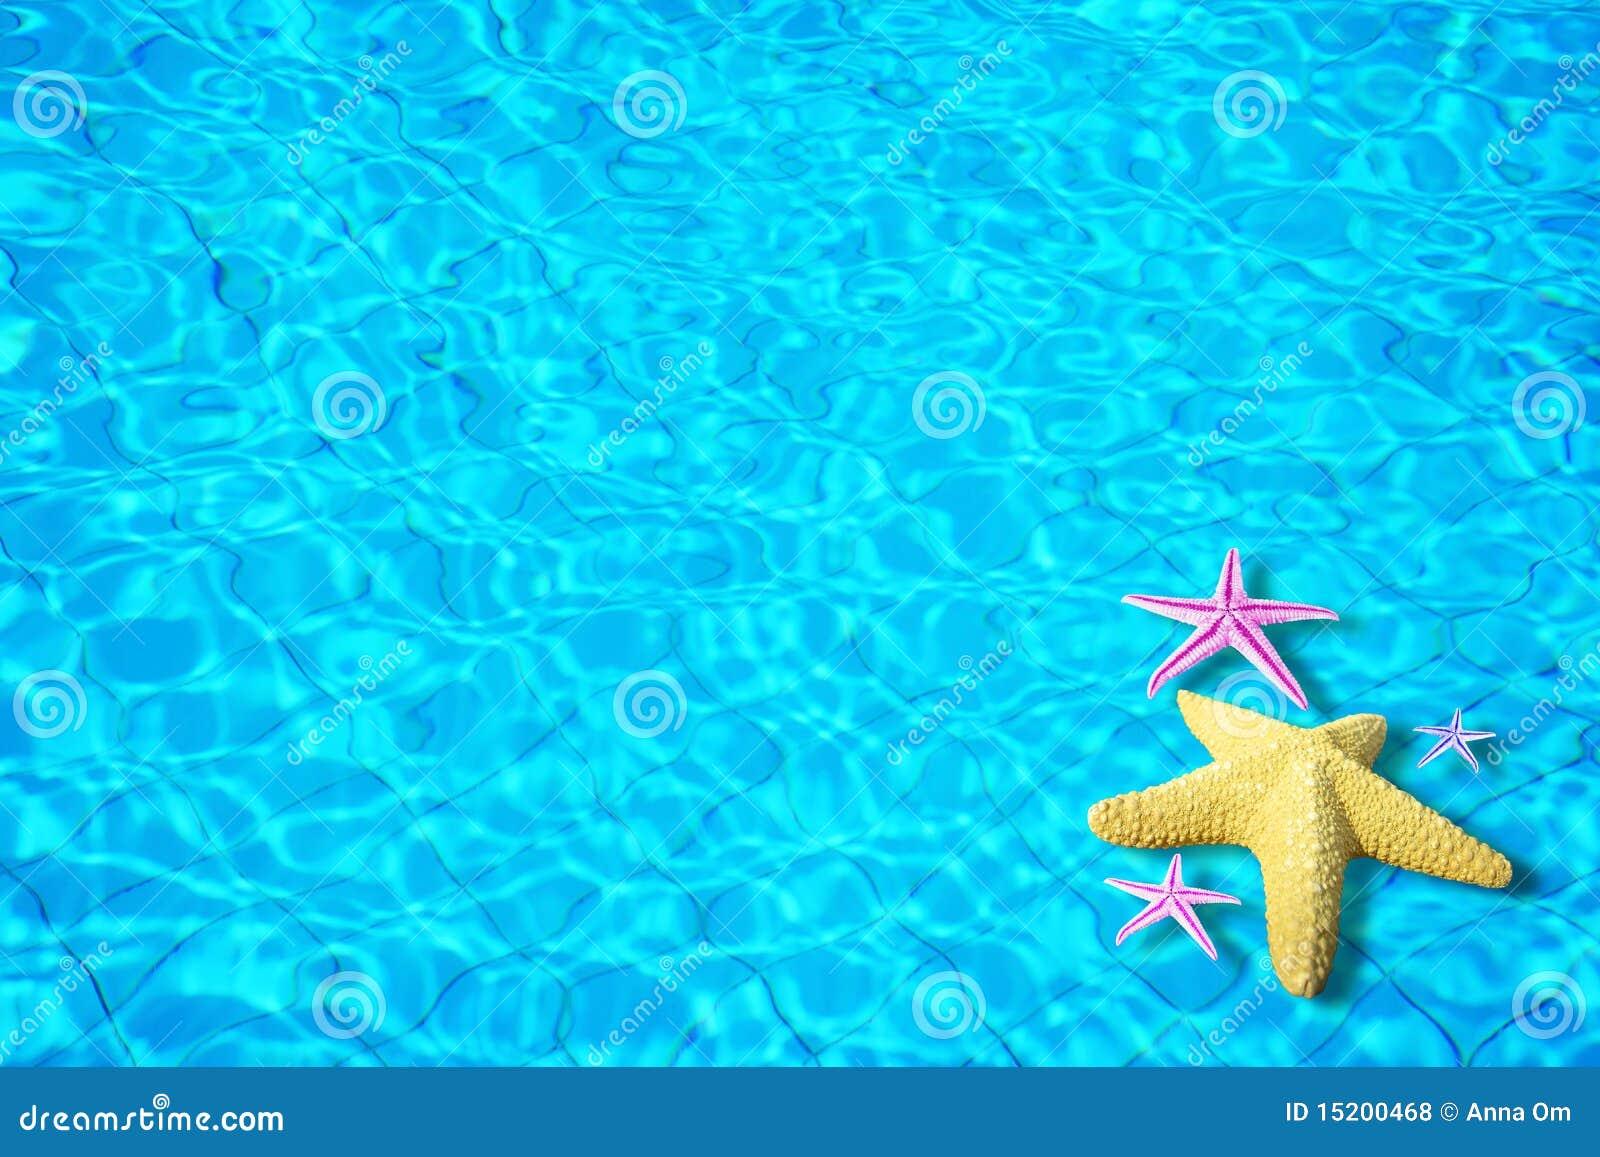 fondos de mar transparente - photo #10